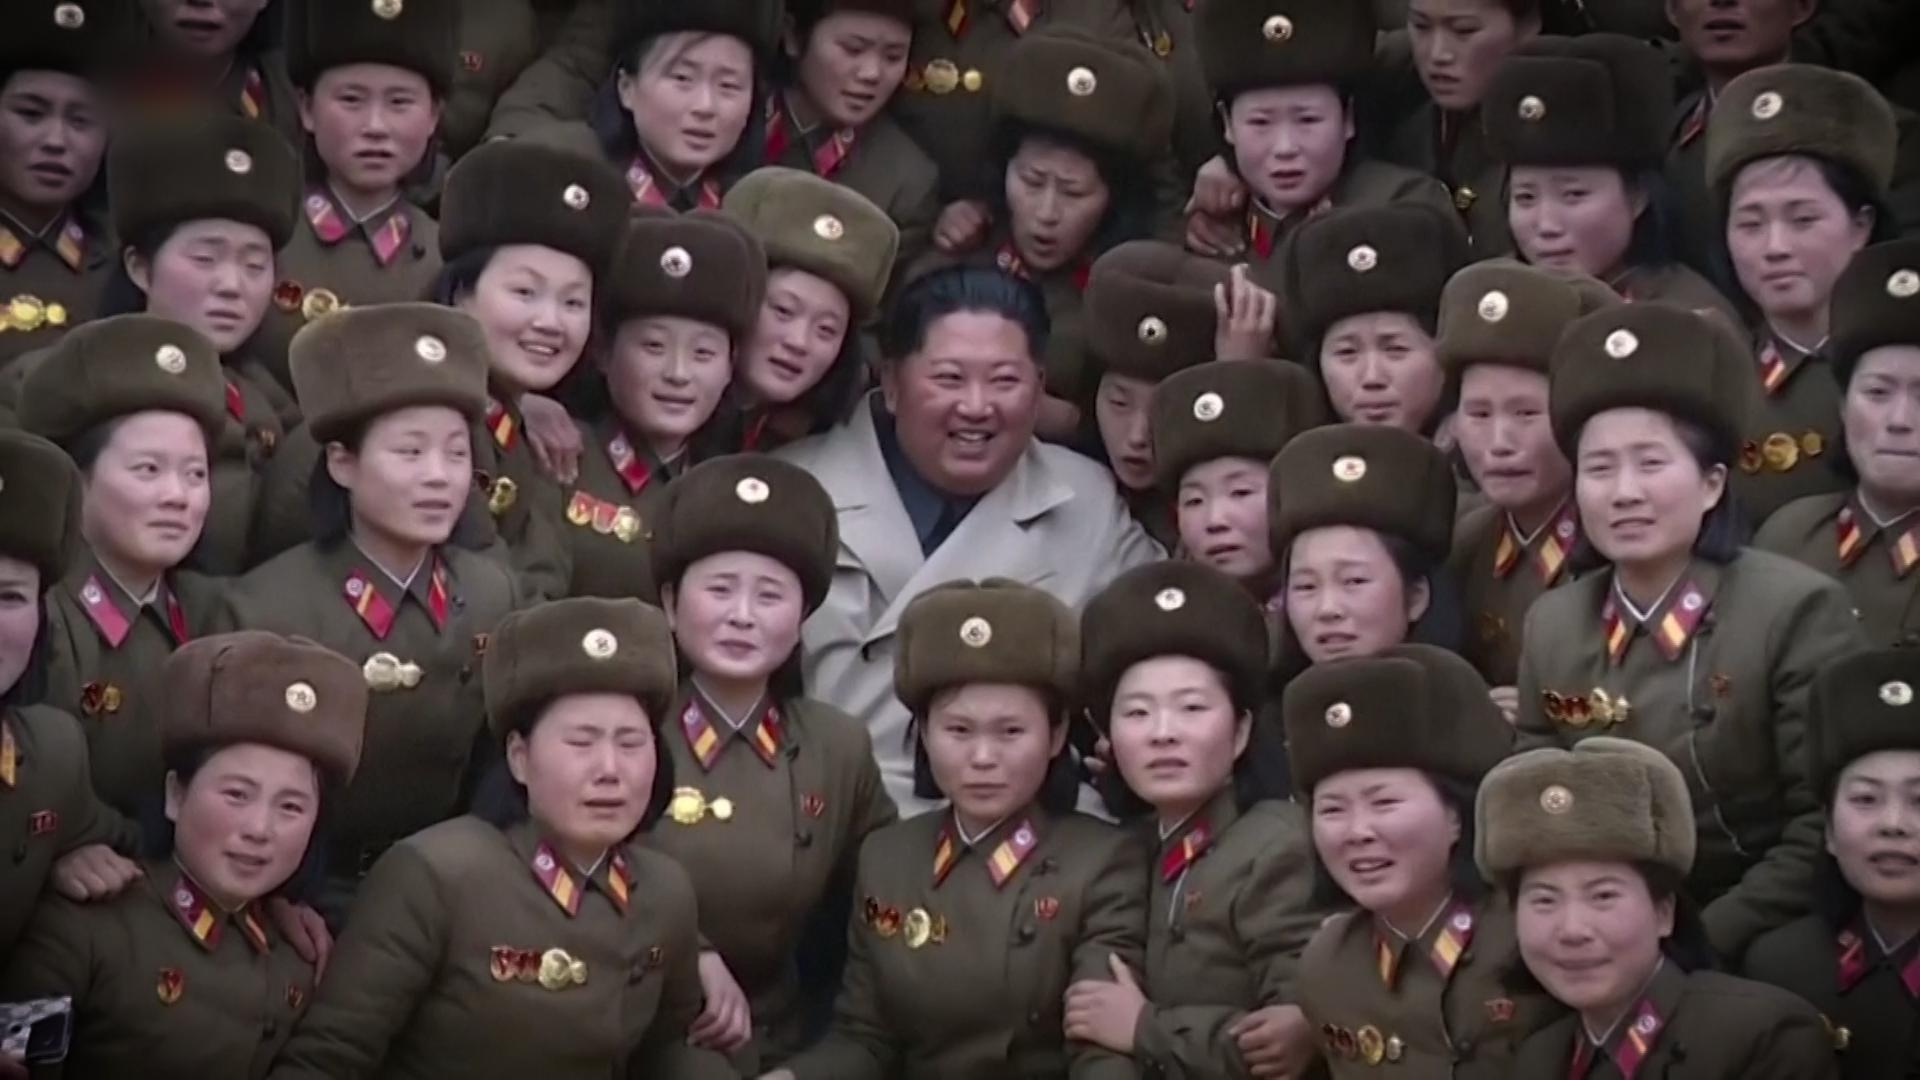 Kim v obležení mladých Severokorejek. Svědectví odkrývají znepokojivé detaily